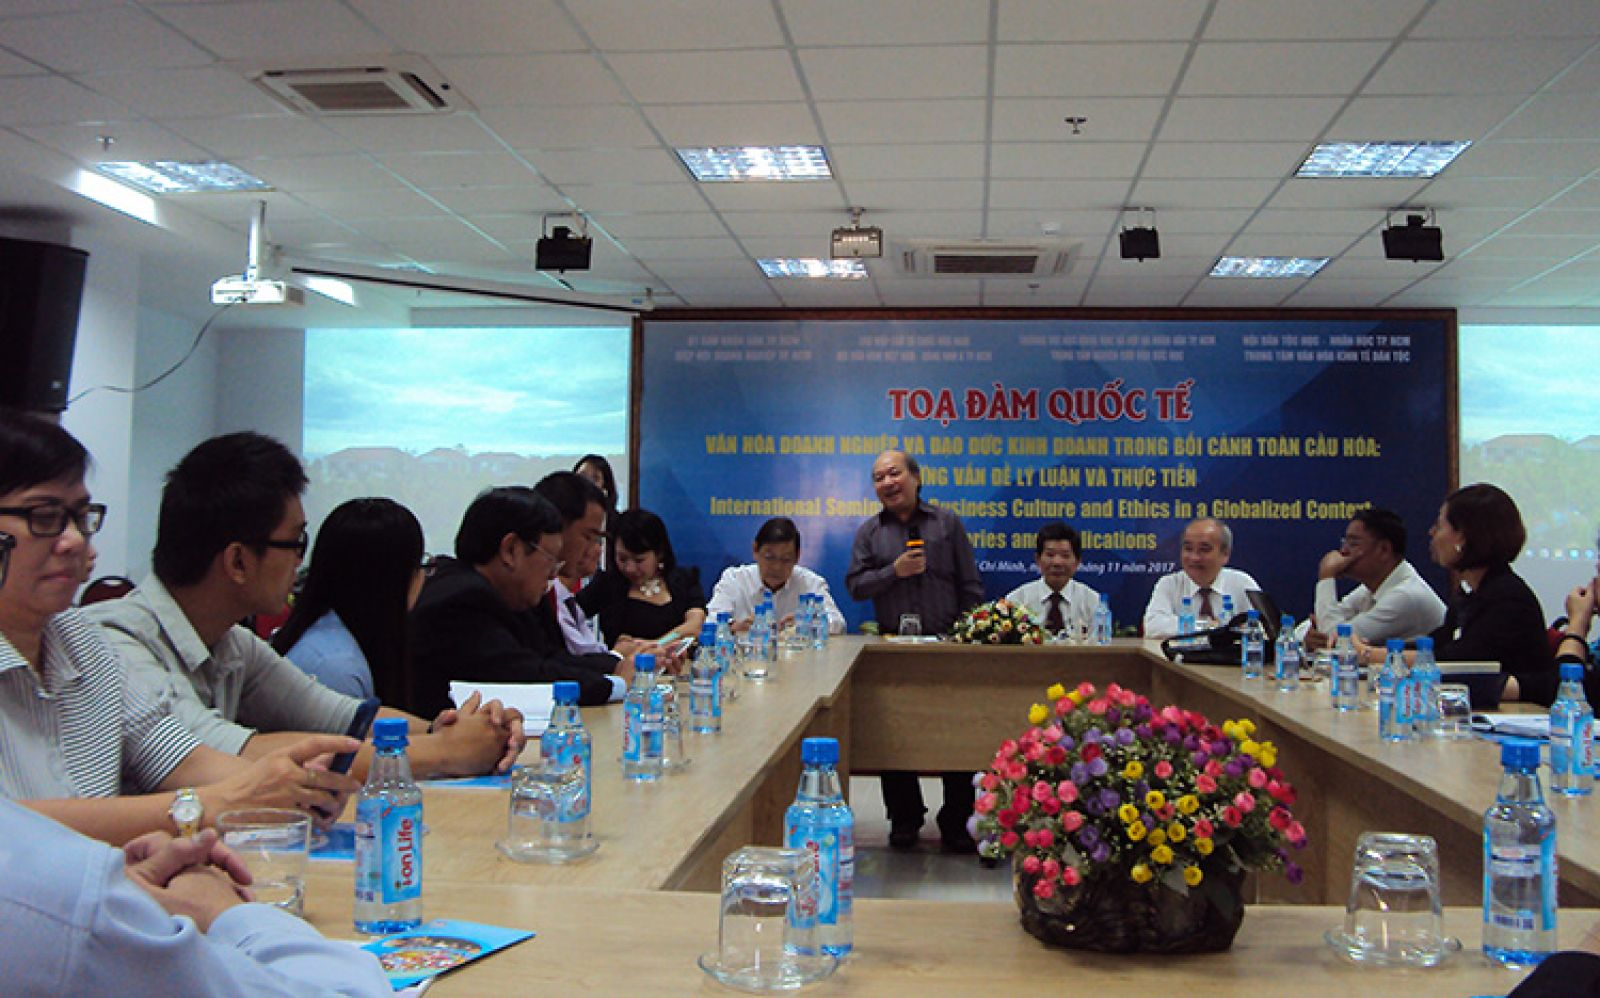 TS. Ngô Văn Lệ phát biểu tại tọa đàm quốc tế về Văn hóa doanh nghiệp và đạo đức kinh doanh trong bối cảnh toàn cầu hóa